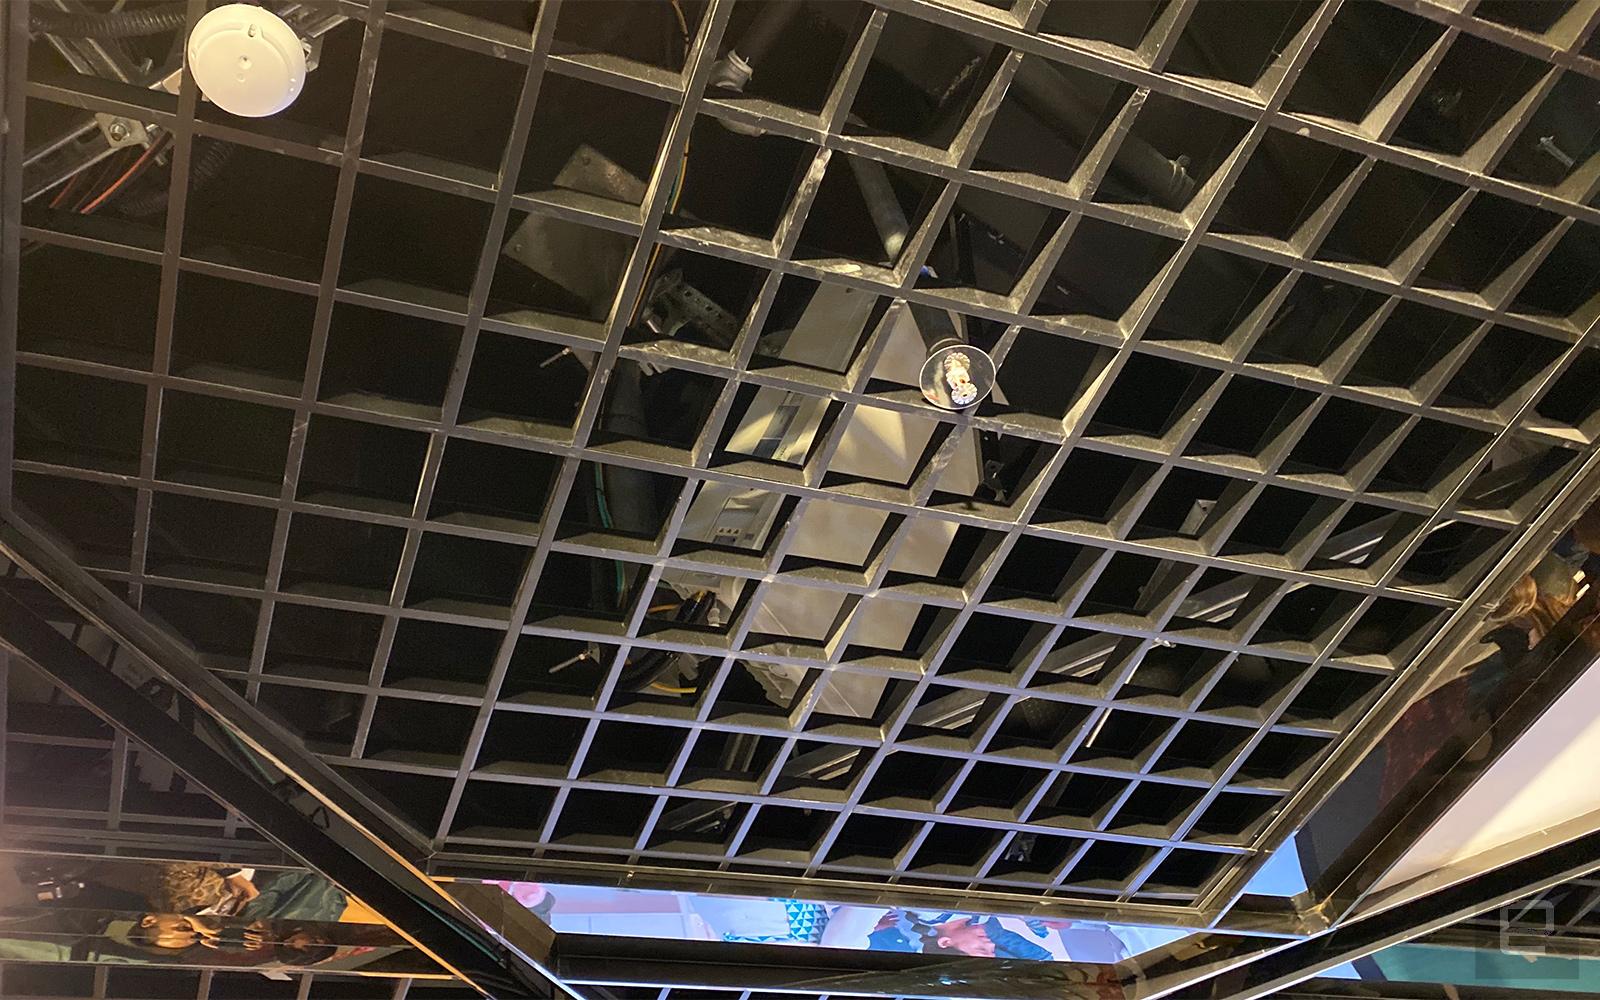 3HK OP Mall 5G